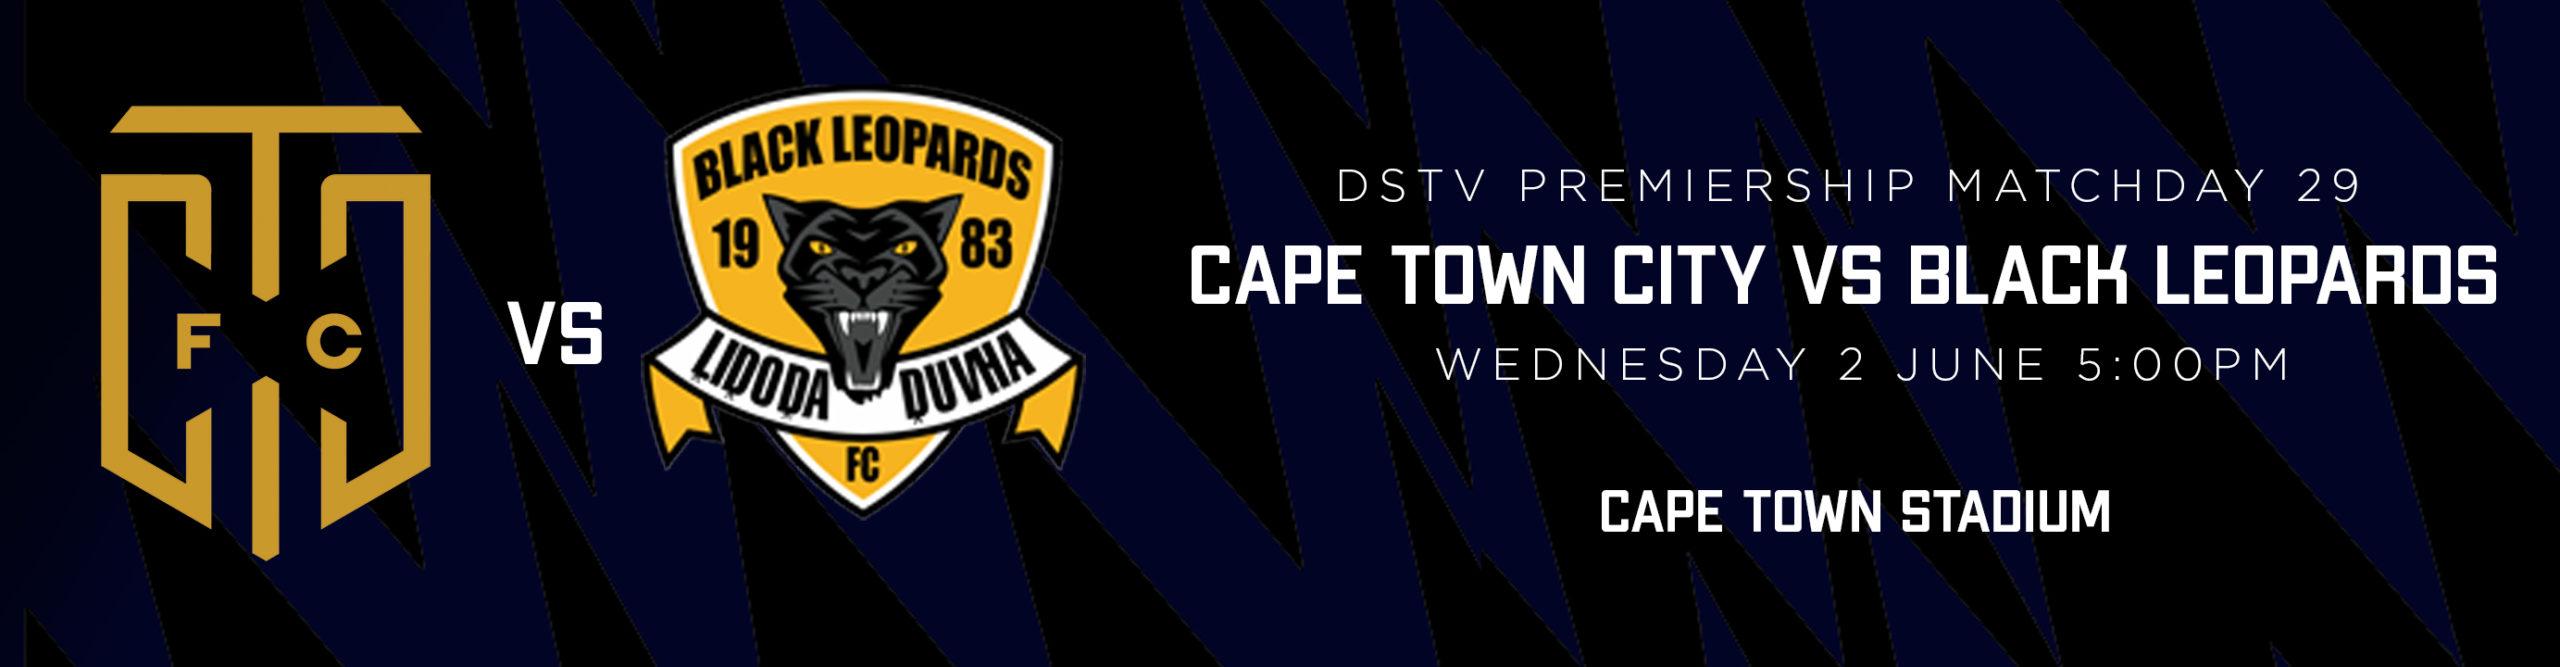 Cape Town City vs Black Leopards